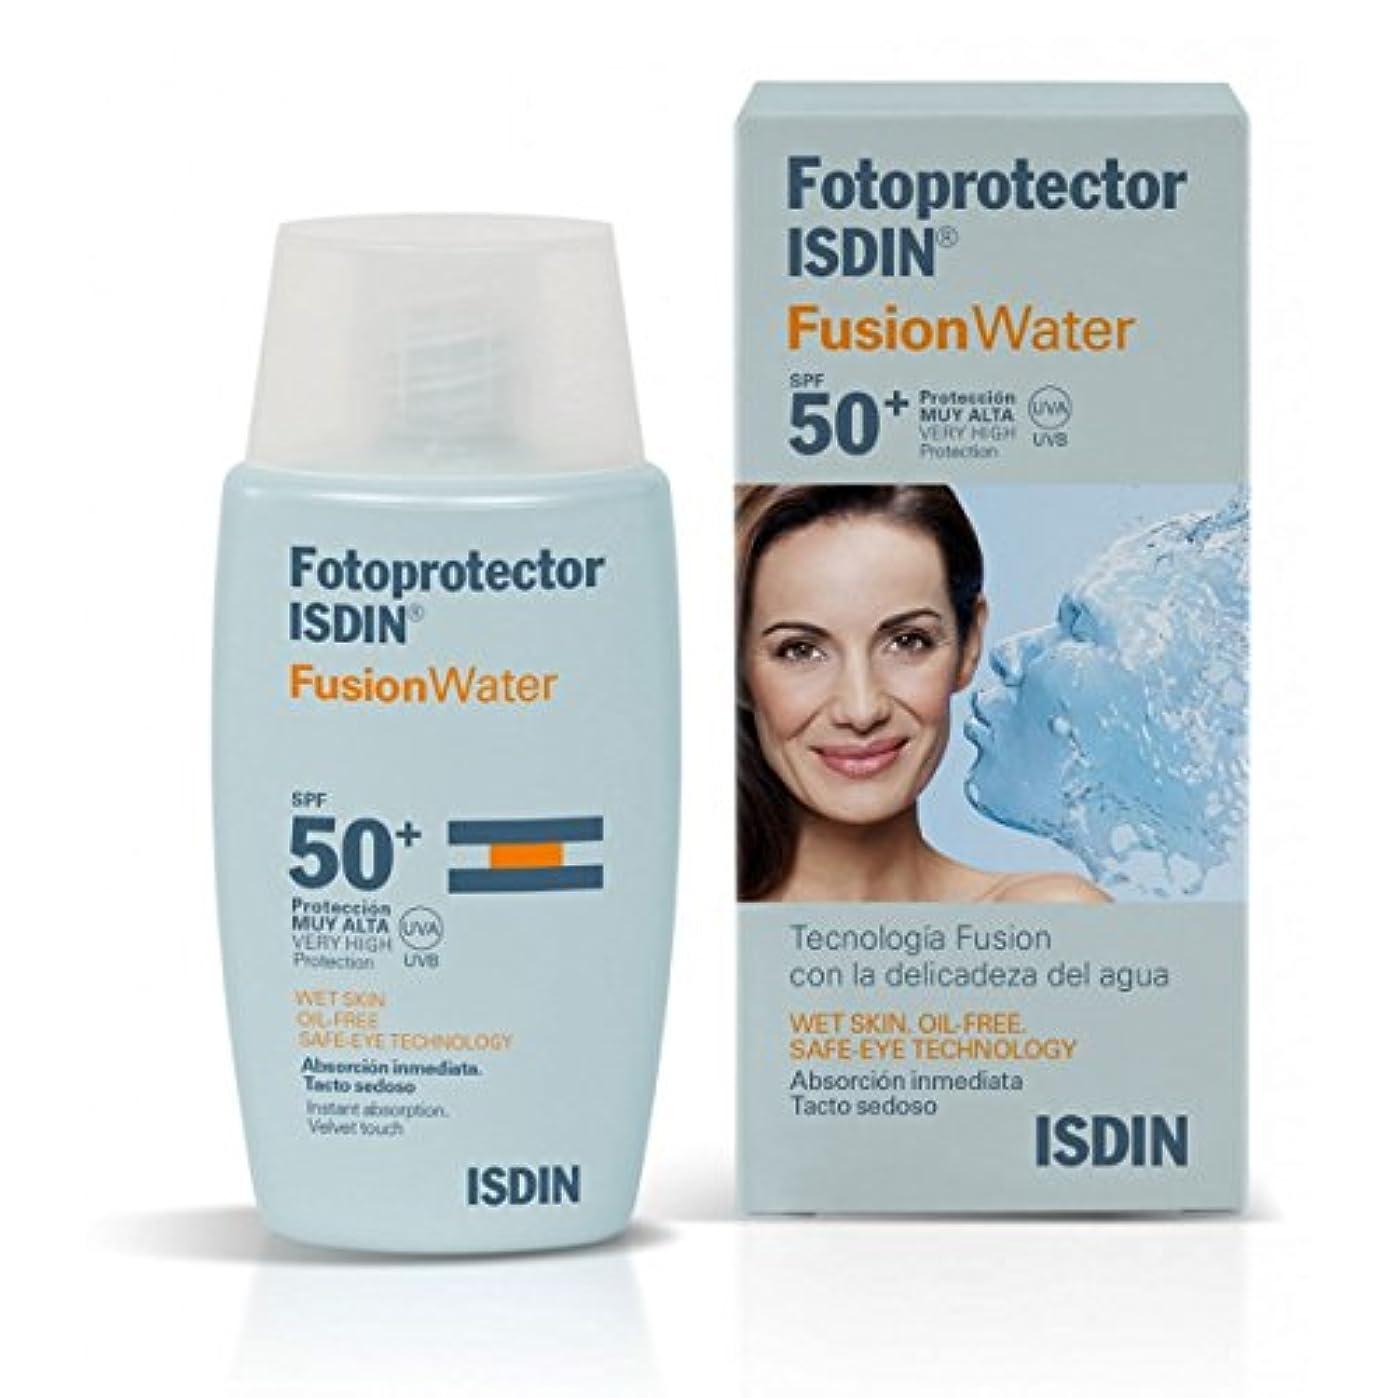 息苦しい考えた腐敗したIsdin Sunscreen Fusion Water Spf50+ 50ml [並行輸入品]